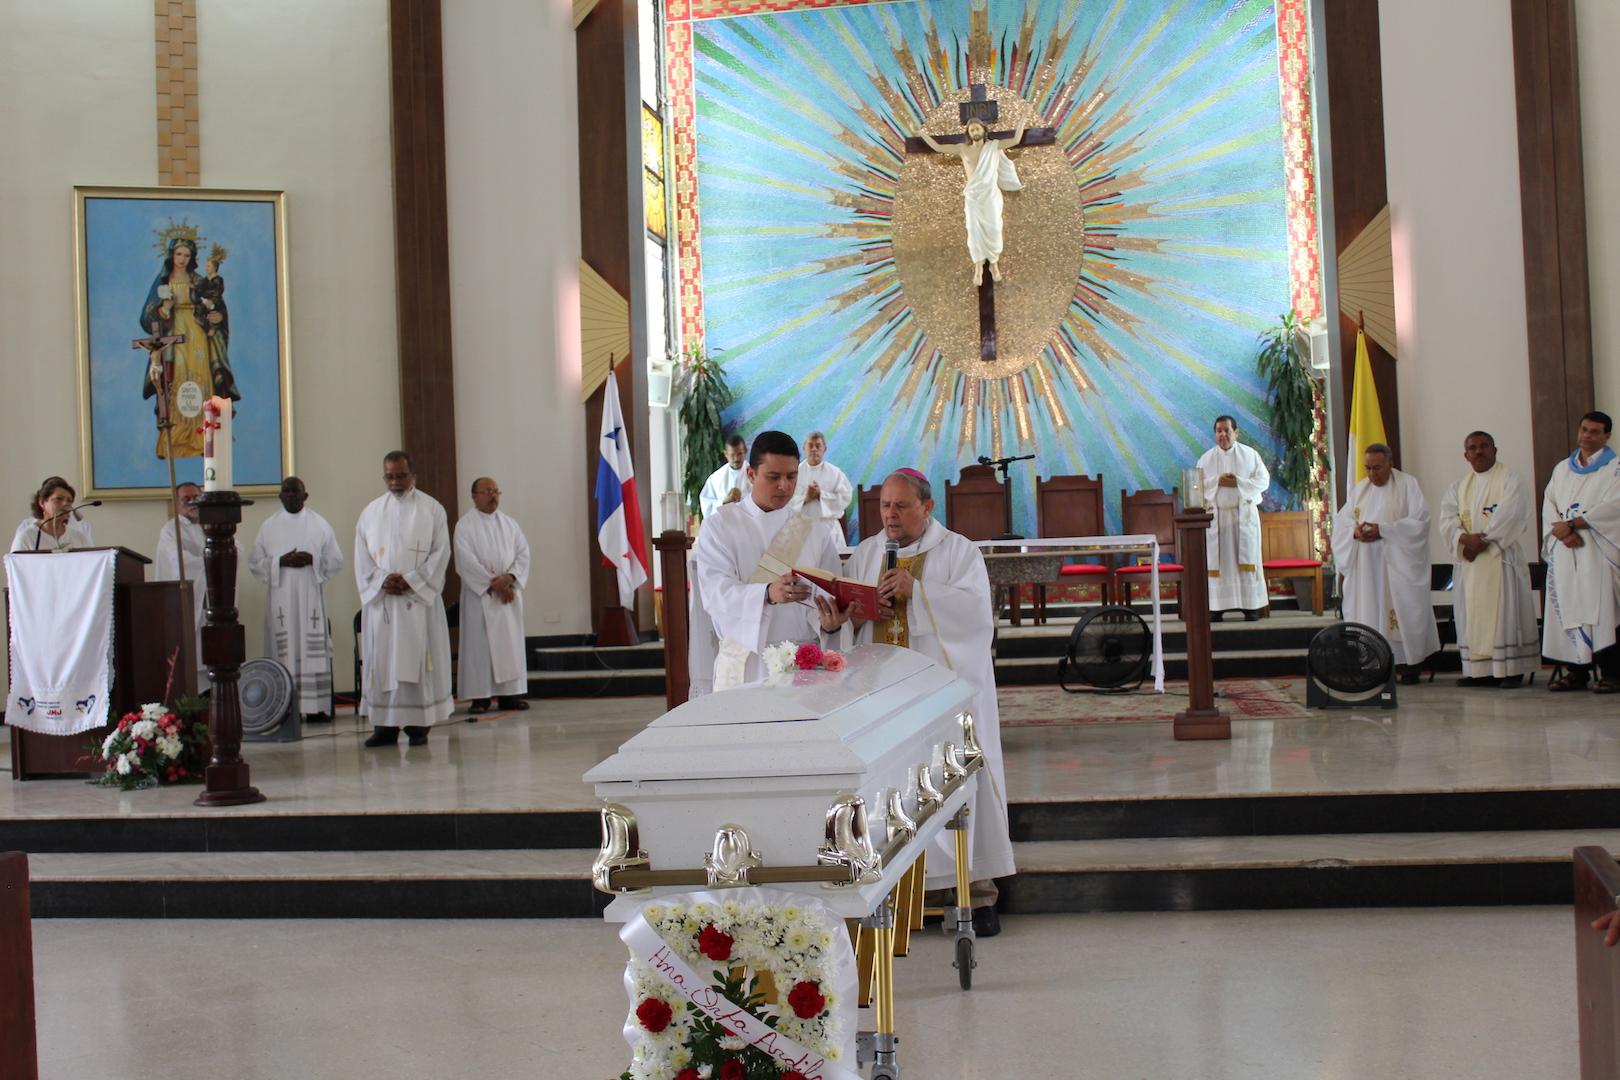 Hna. María Orfelina Ardila González Parte al encuentro del Padre Eterno